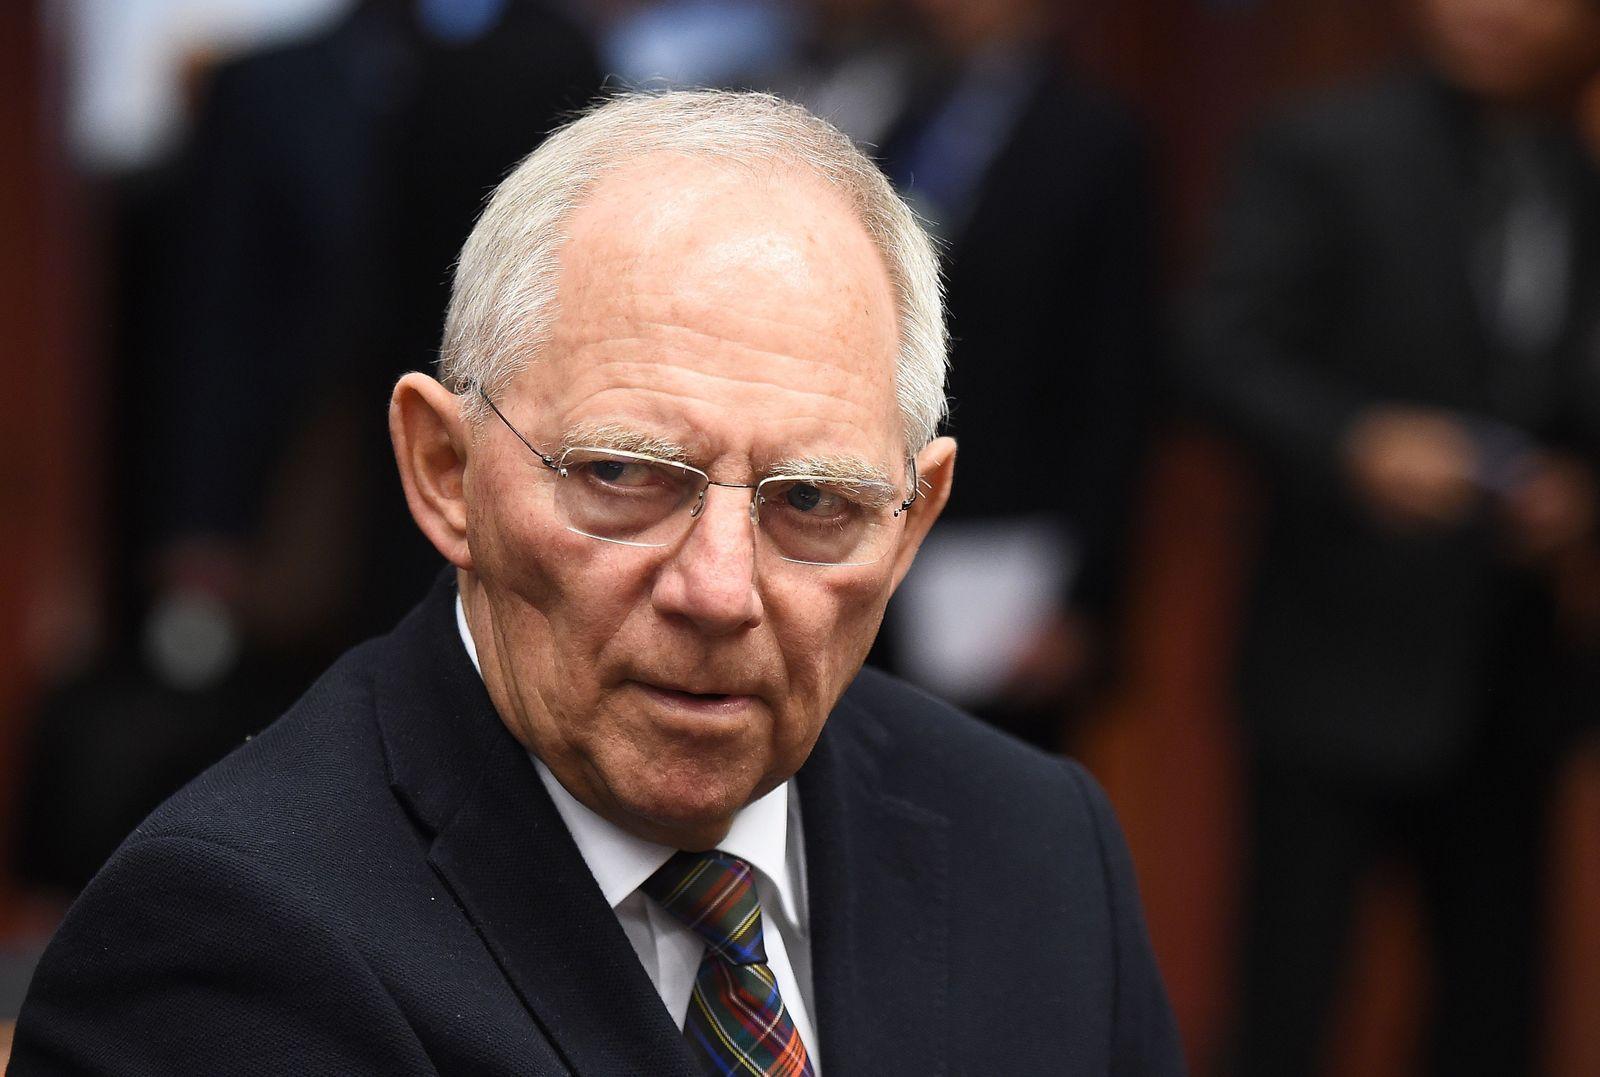 Griechenland / Euro / Schäuble / Varoufakis